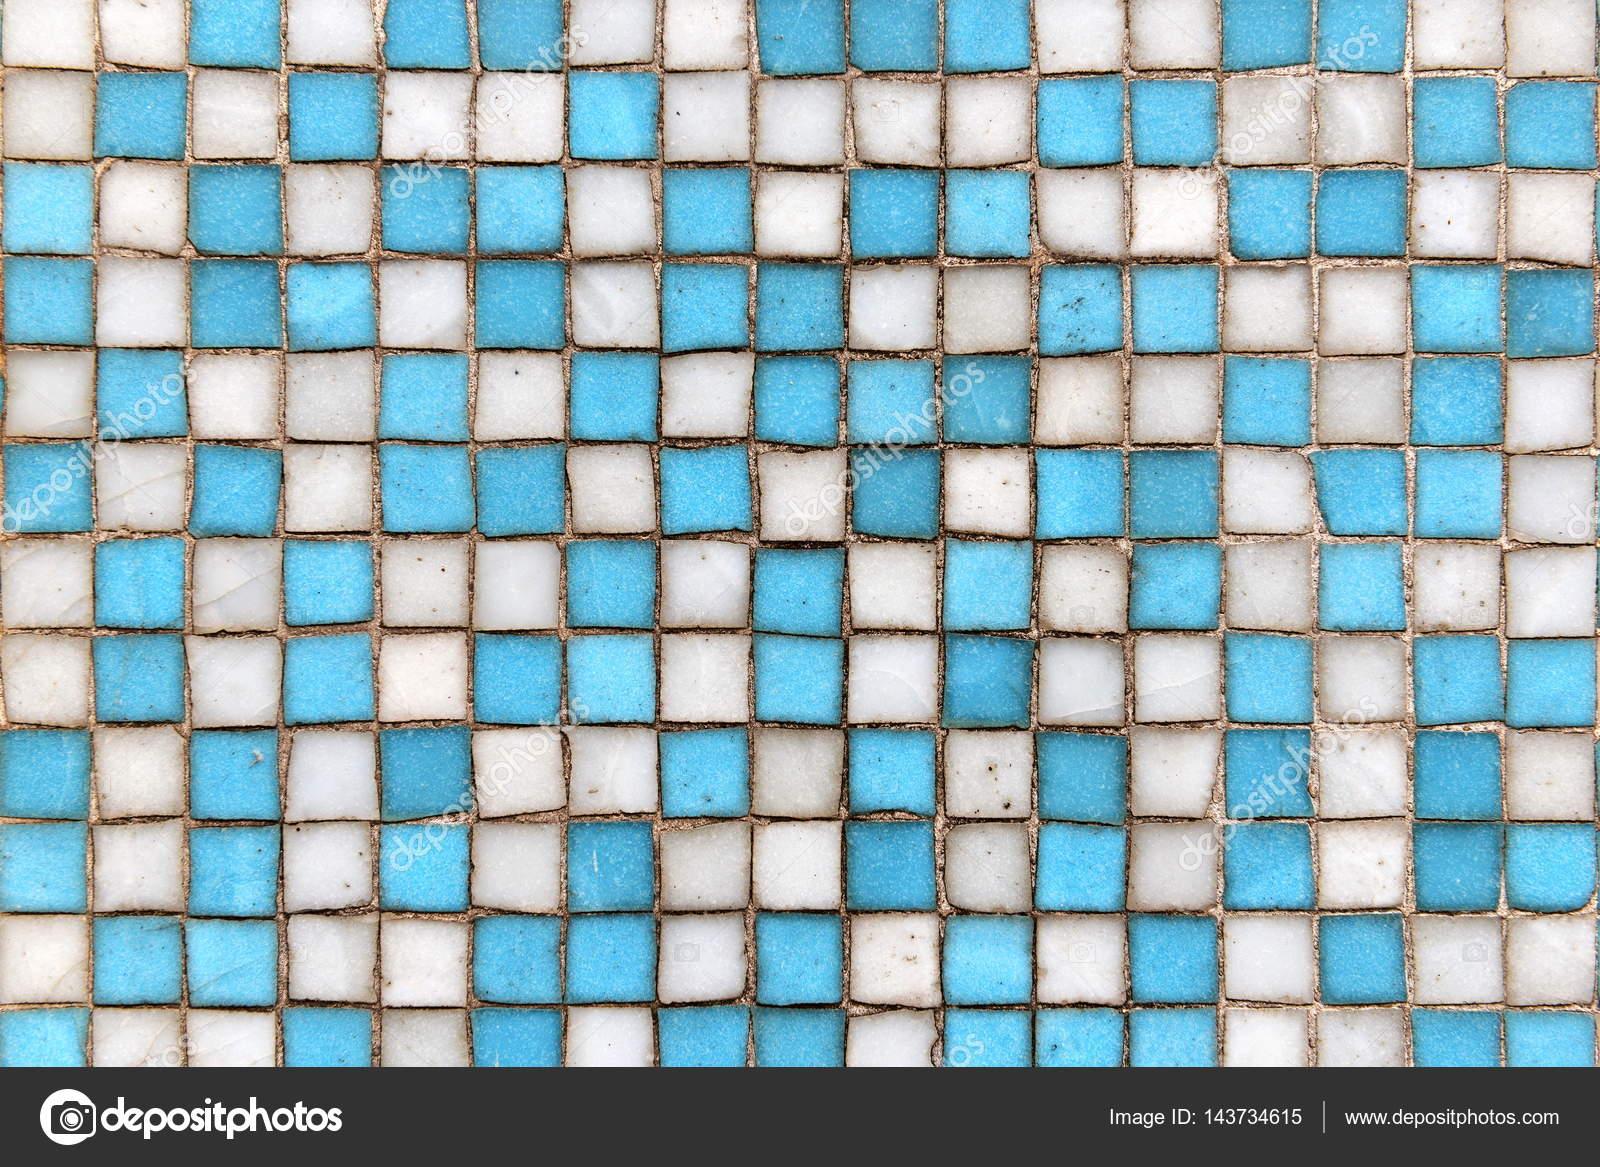 Azulejos de cer micos cuadrado degradados foto de stock for Azulejos ceramicos